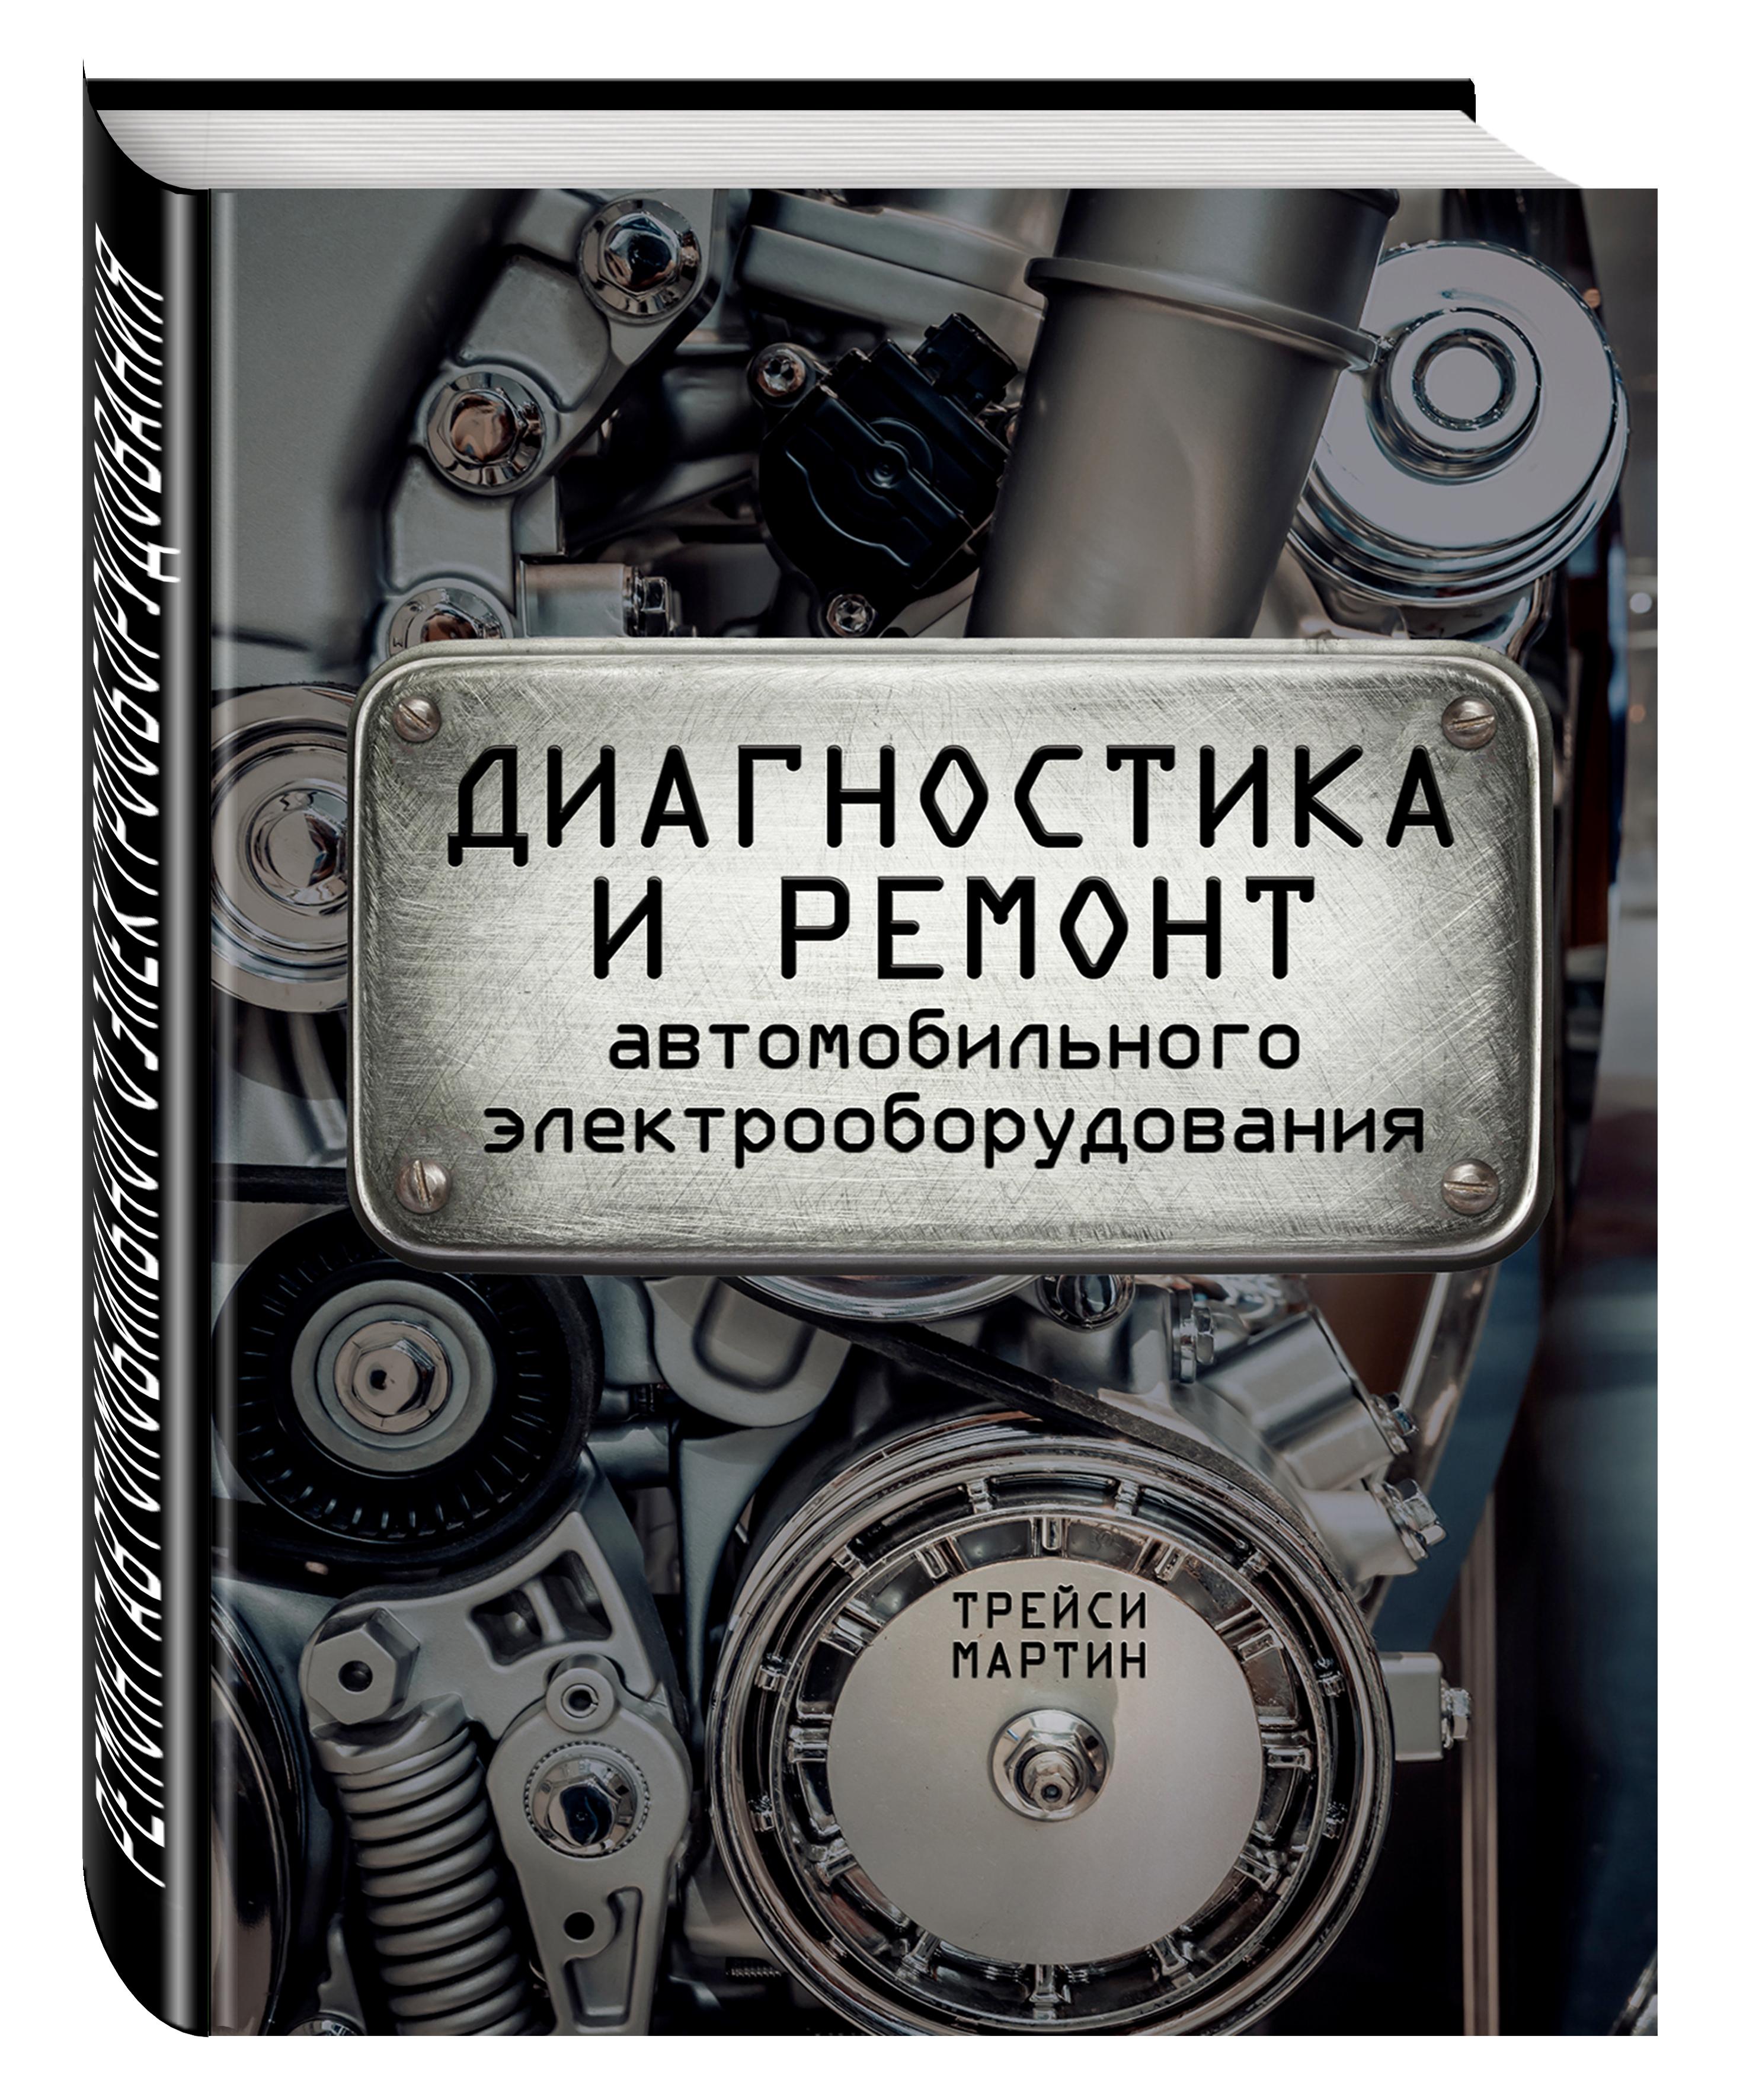 Диагностика и ремонт автомобильного электрооборудования ( Мартин Т.  )